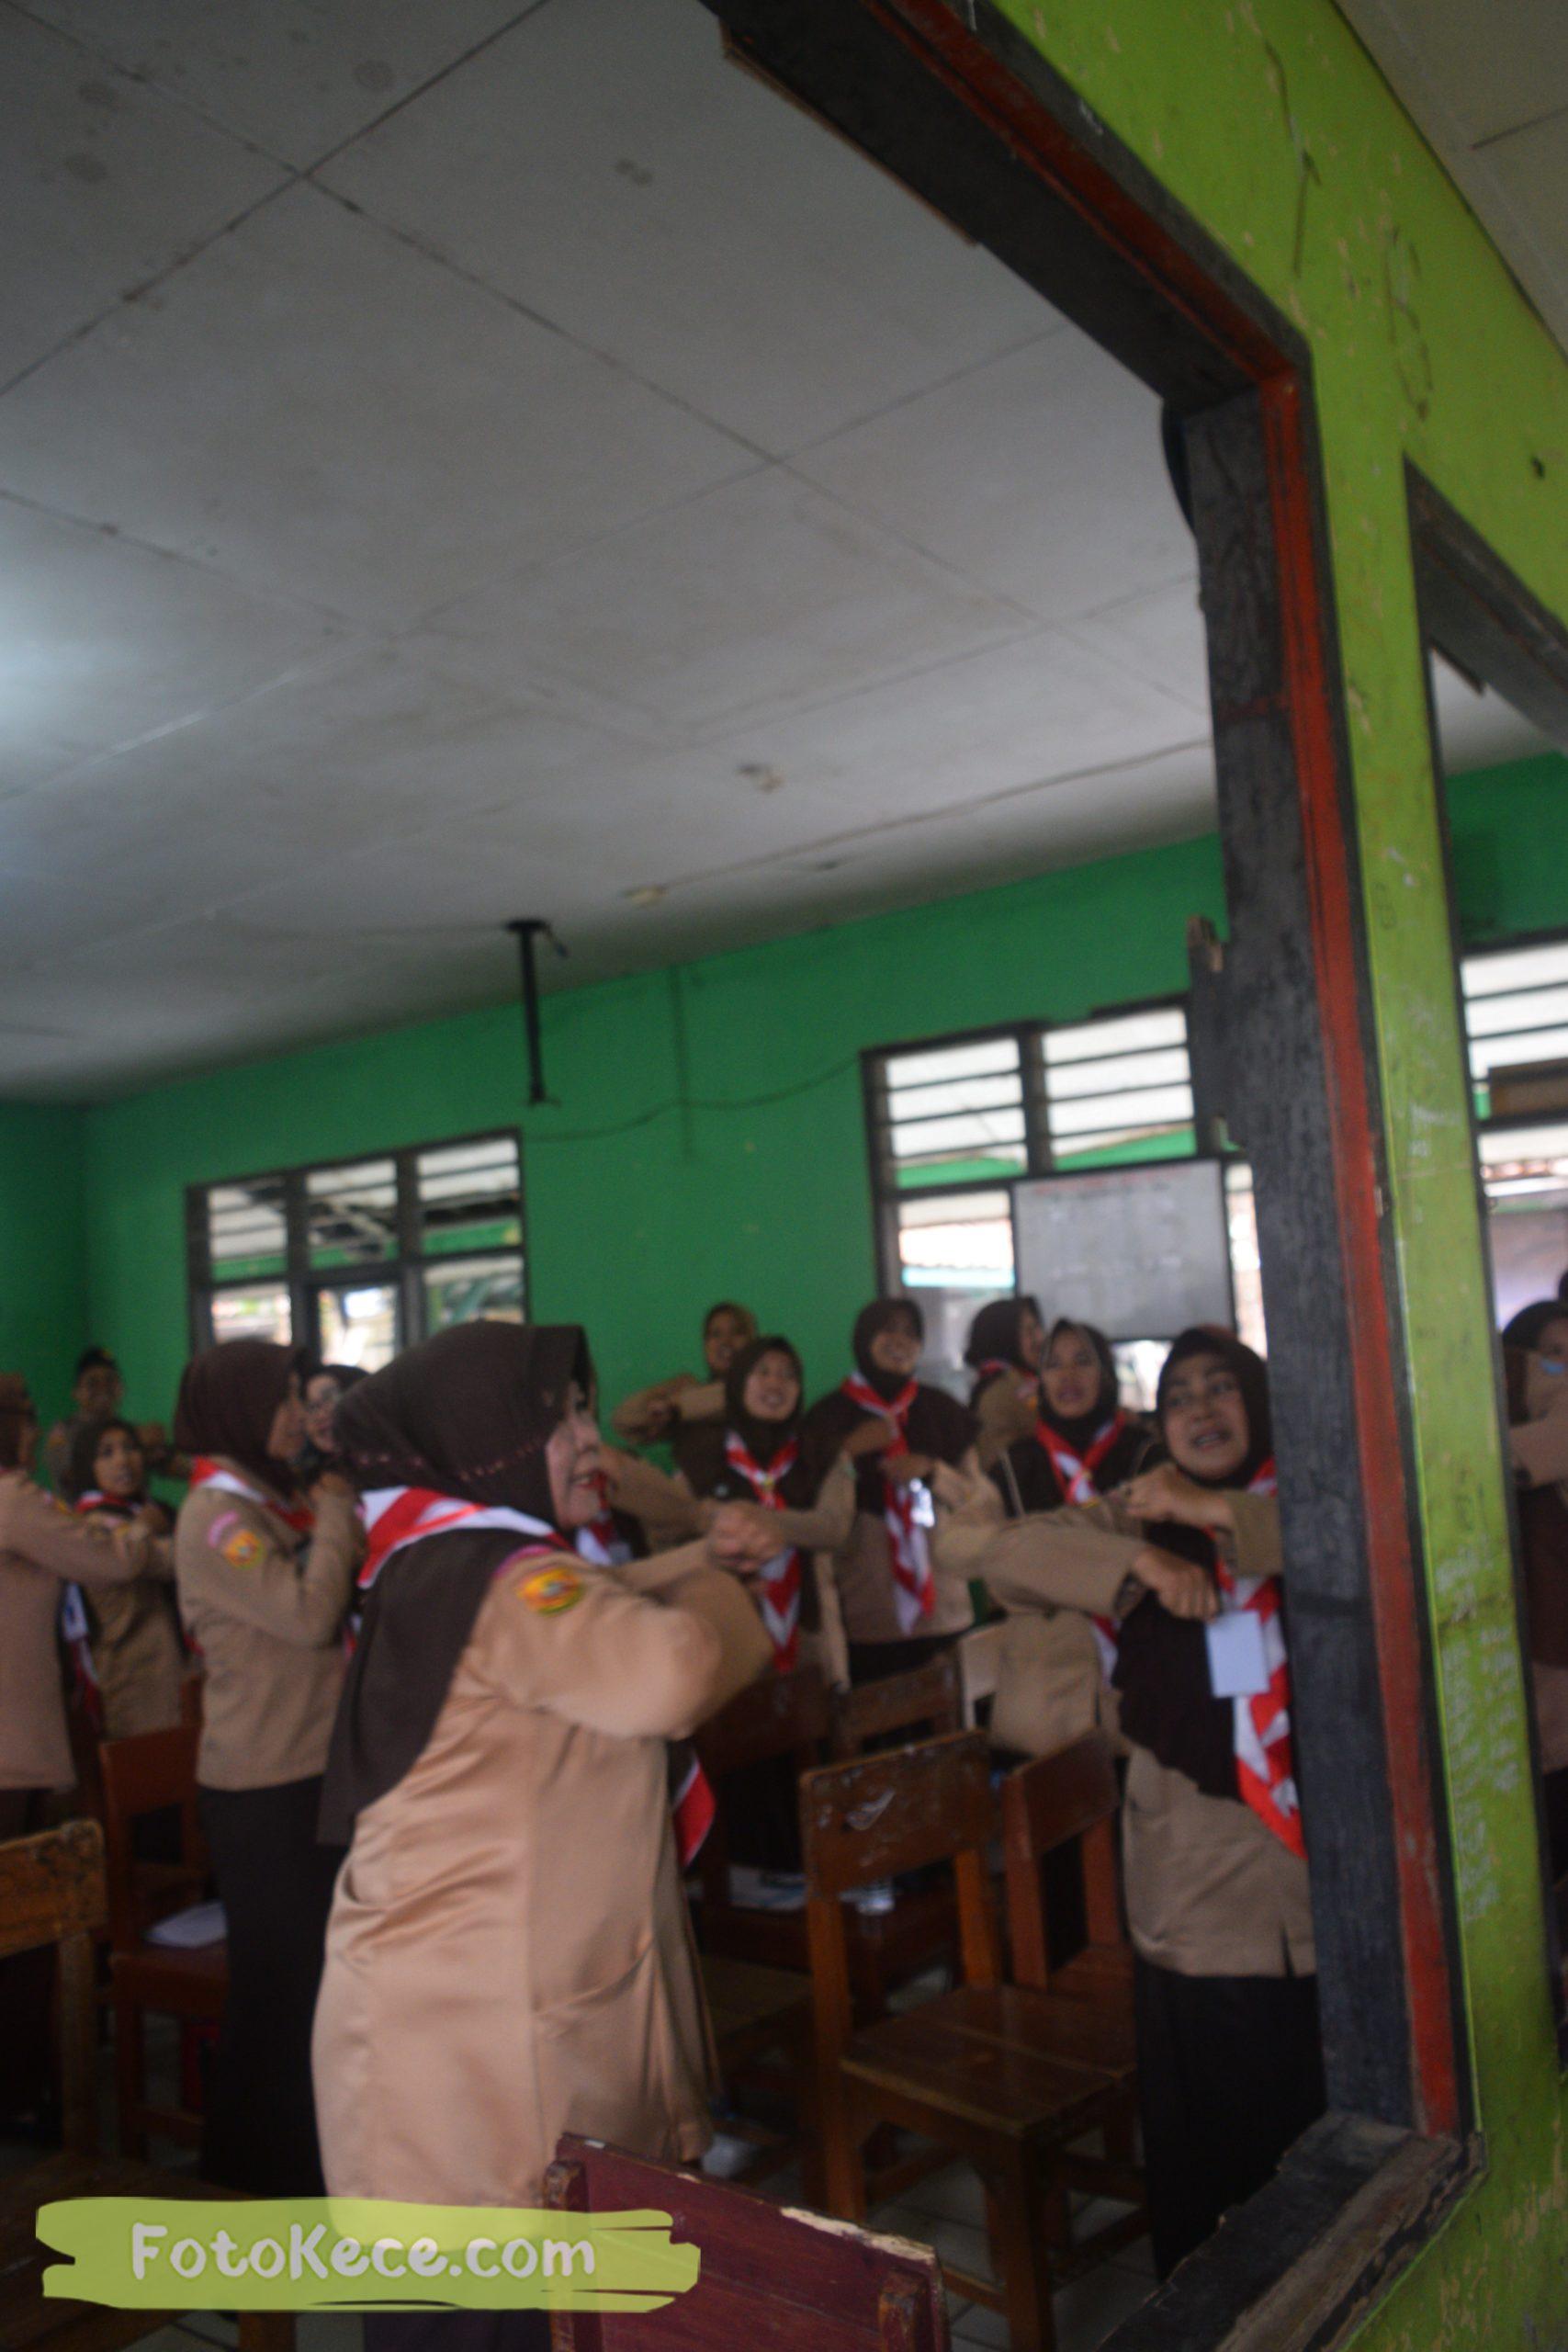 indoor kursus pembina mahir tingkat dasar kmd kwartir ranting surade 2019 fotokece Des 2019 60 scaled